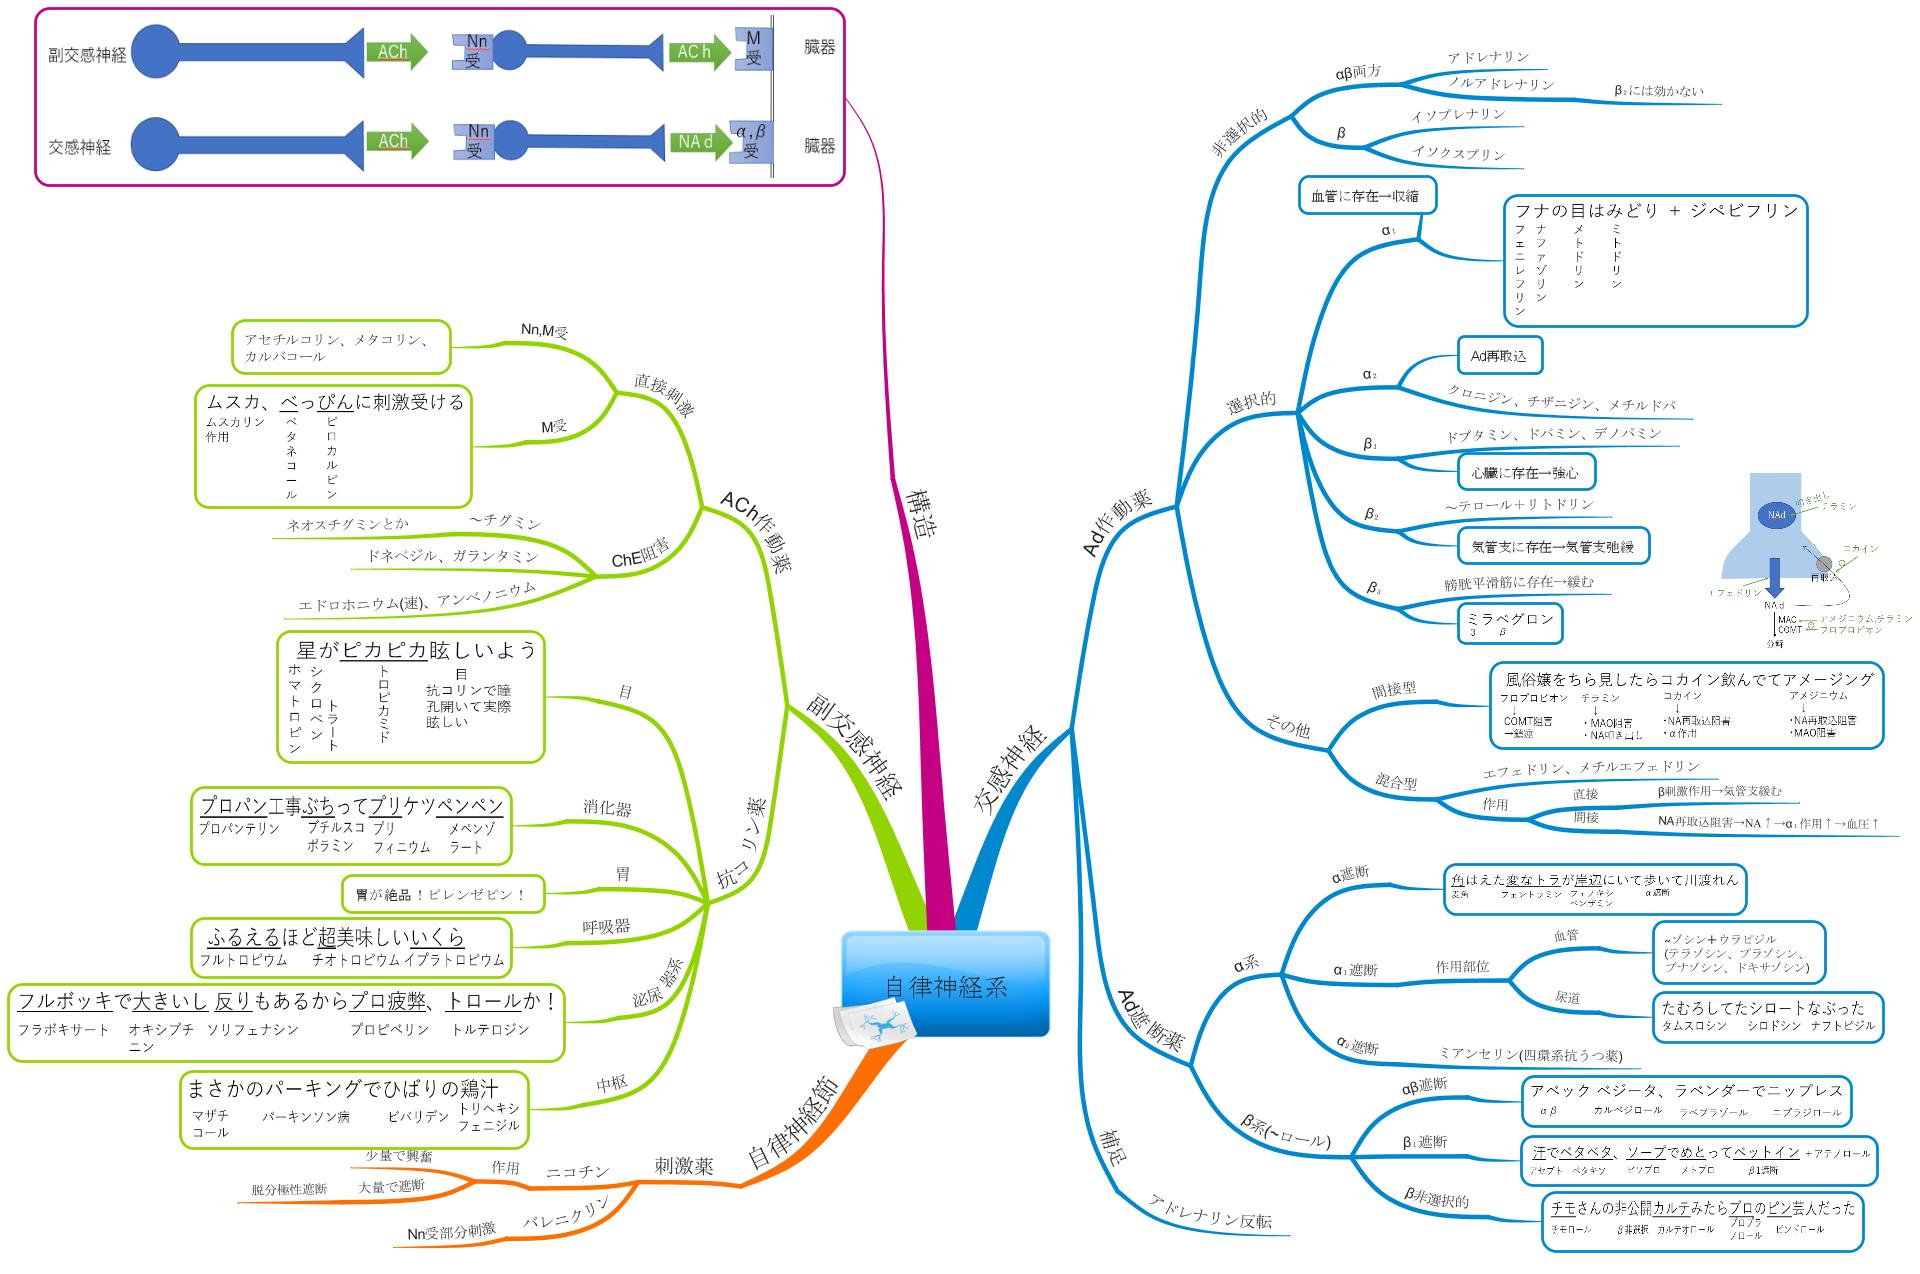 自律神経系の全体像のマインドマップ